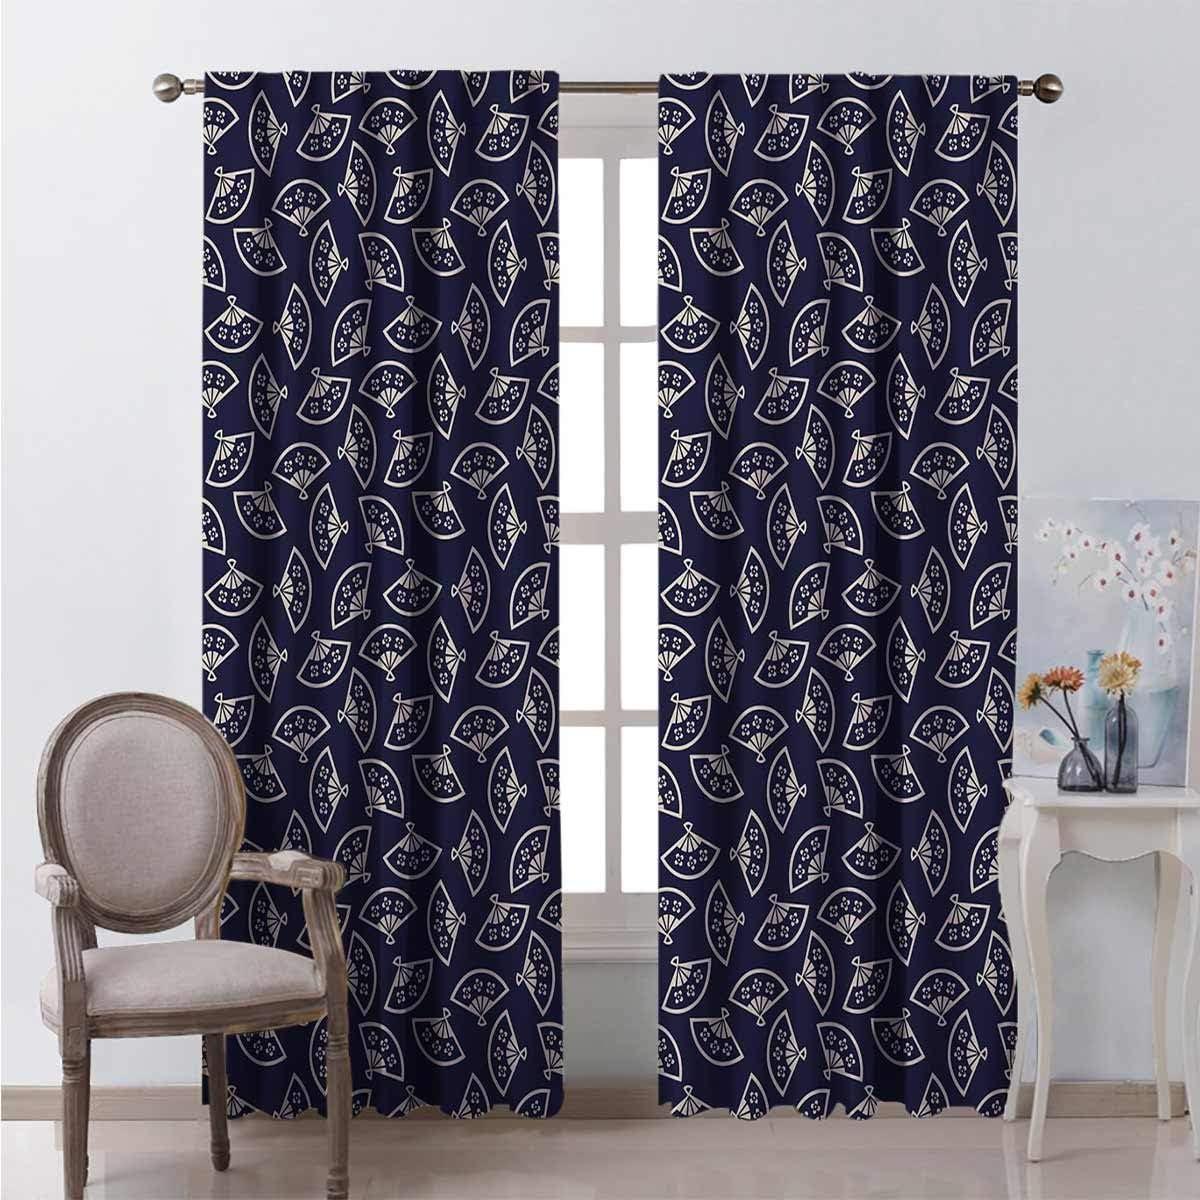 Cortinas para puerta corredera de 72 pulgadas de largo patrón de abanico multicolor negro hacia fuera cortinas para habitación 150 x 72 pulgadas